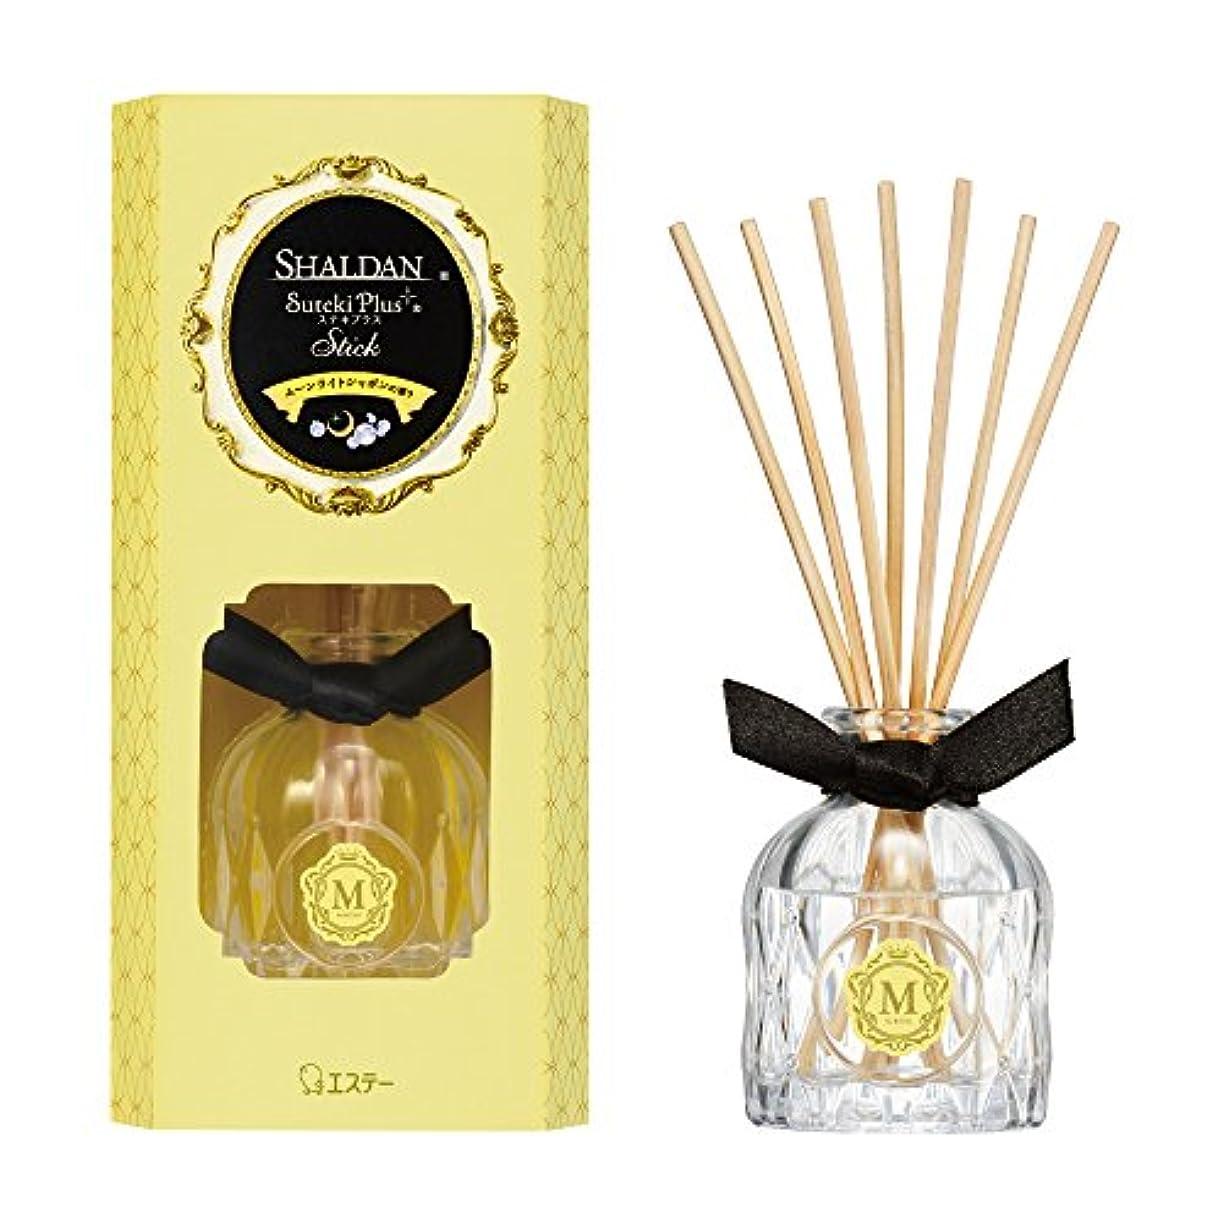 オーラル有効マルコポーロシャルダン SHALDAN ステキプラス スティック 消臭芳香剤 部屋用 部屋 本体 ムーンライトシャボンの香り 45ml